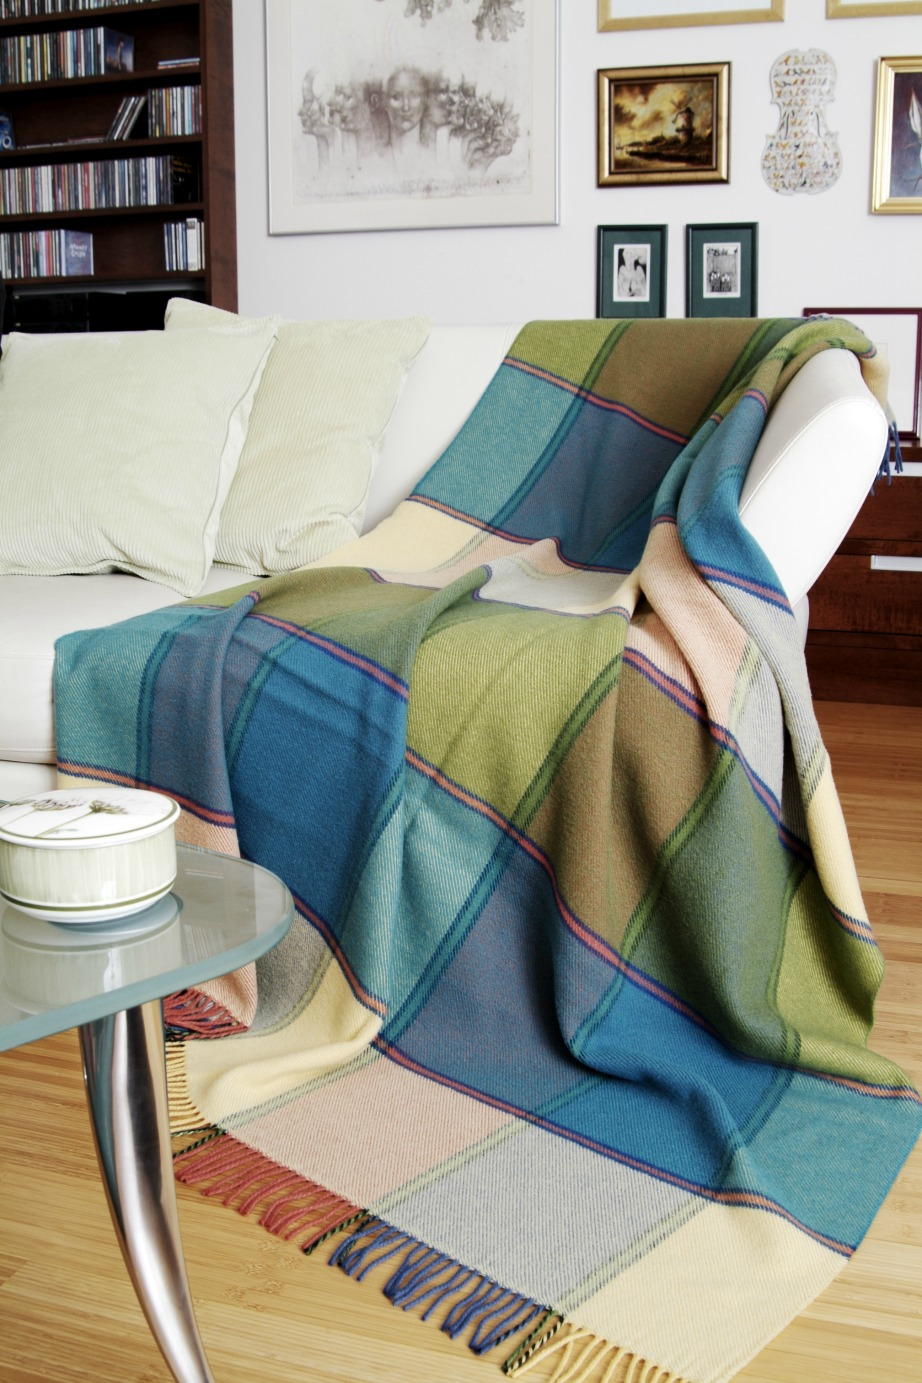 Τα ριχτάρια, τα μαξιλάρια και οι κουρτίνες υποδέχονται με τον καλύτερο τρόπο το φθινόπωρο.